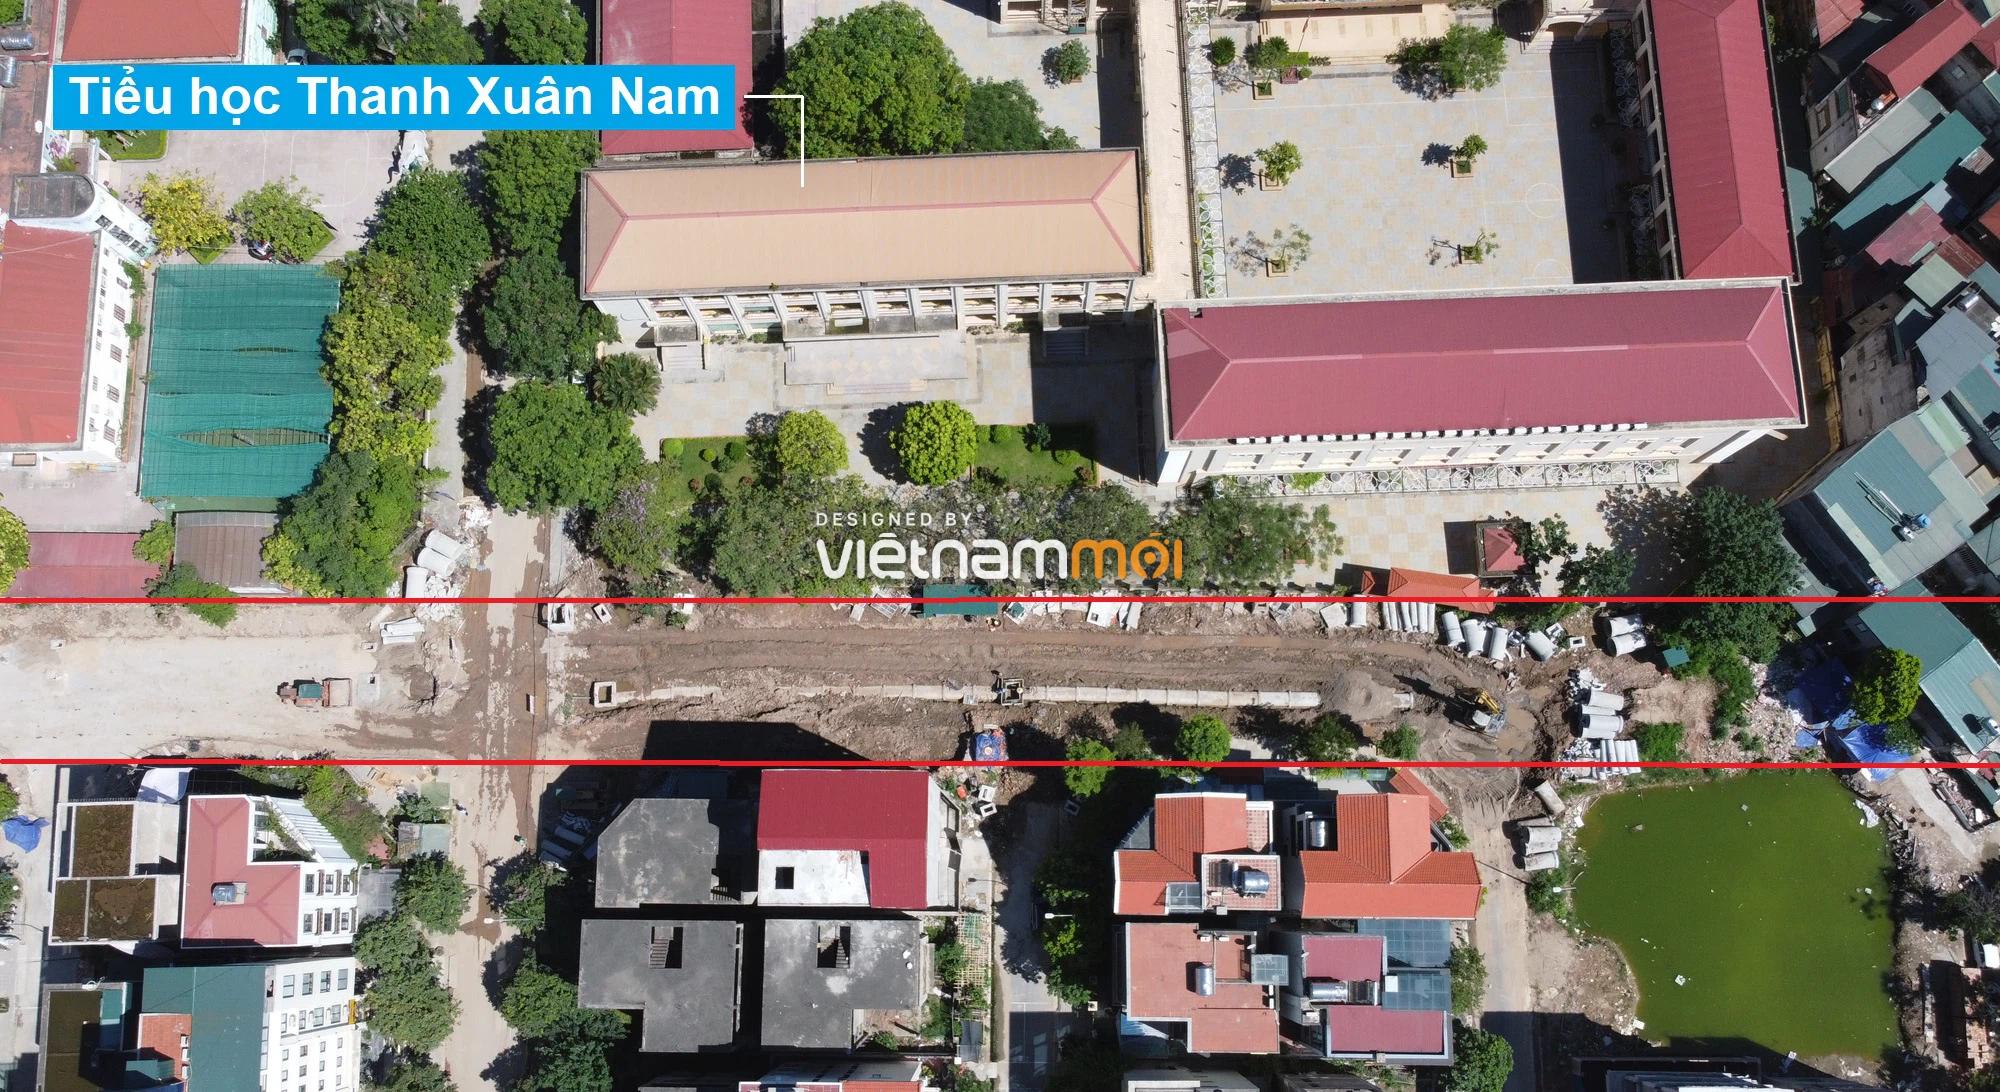 Toàn cảnh tuyến đường vào cụm ba trường Thanh Xuân Nam đang mở theo quy hoạch ở Hà Nội - Ảnh 3.